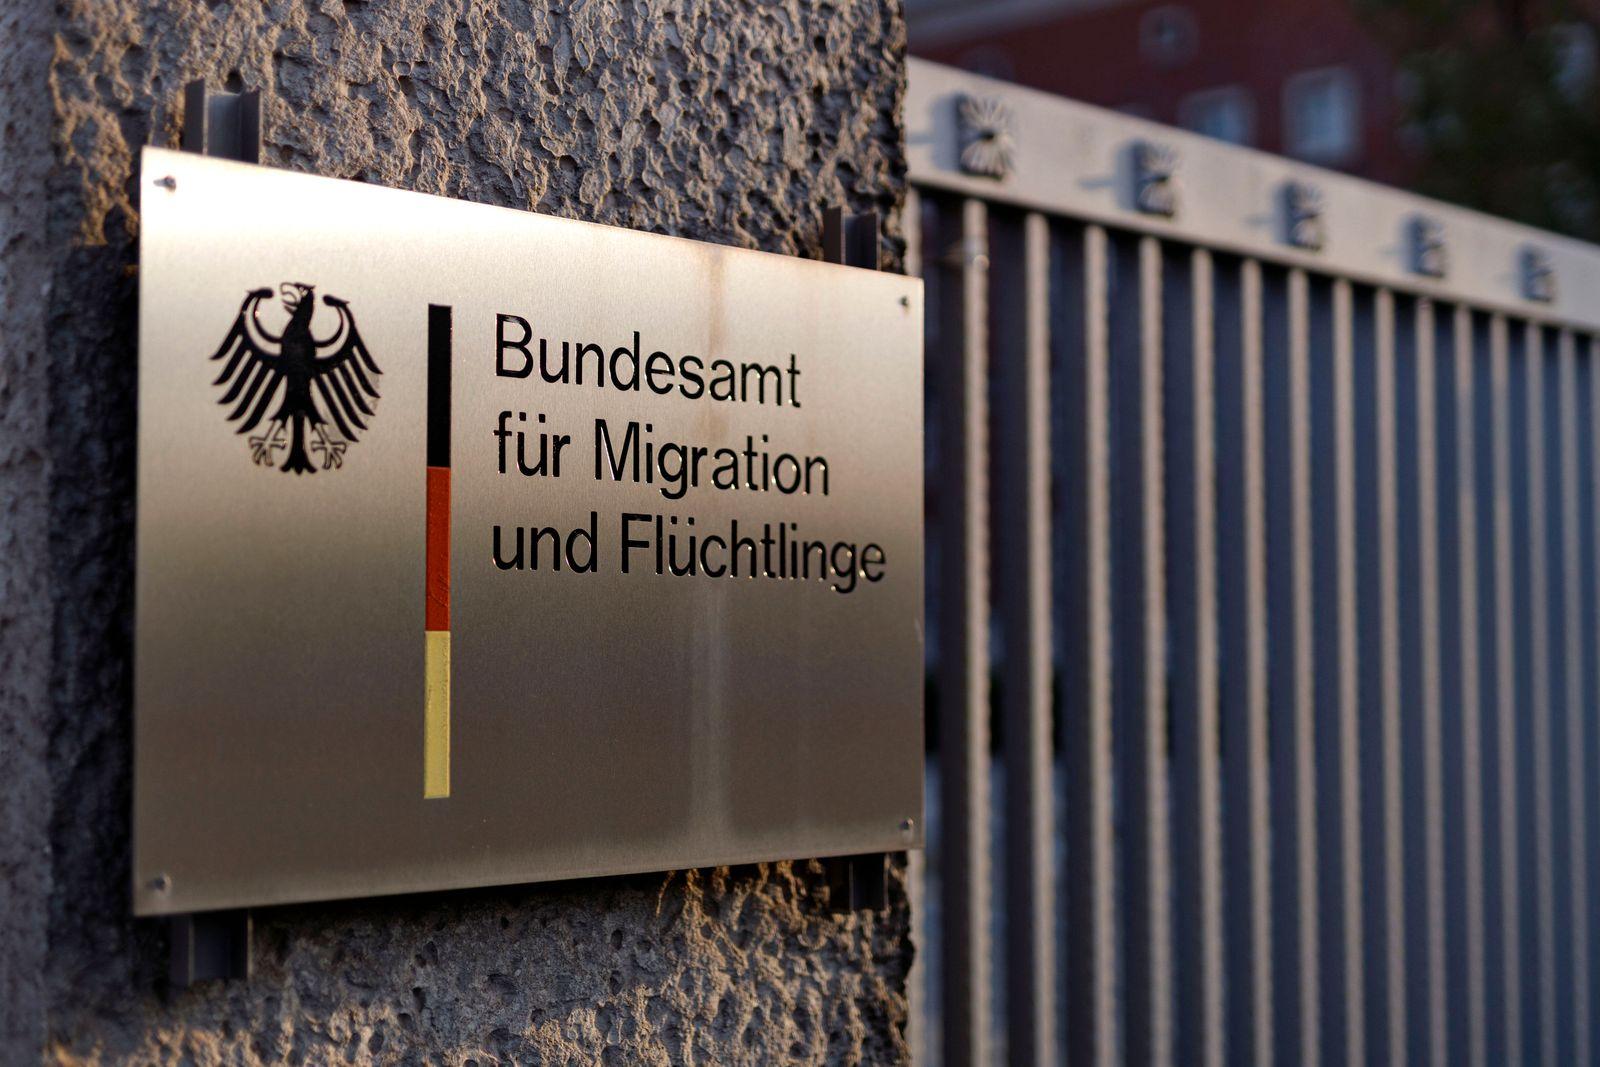 Das Bundesamt für Migration und Flüchtlinge (BAMF) stellt trotz fortlaufender Corona-Einschränkungen wieder ablehnende